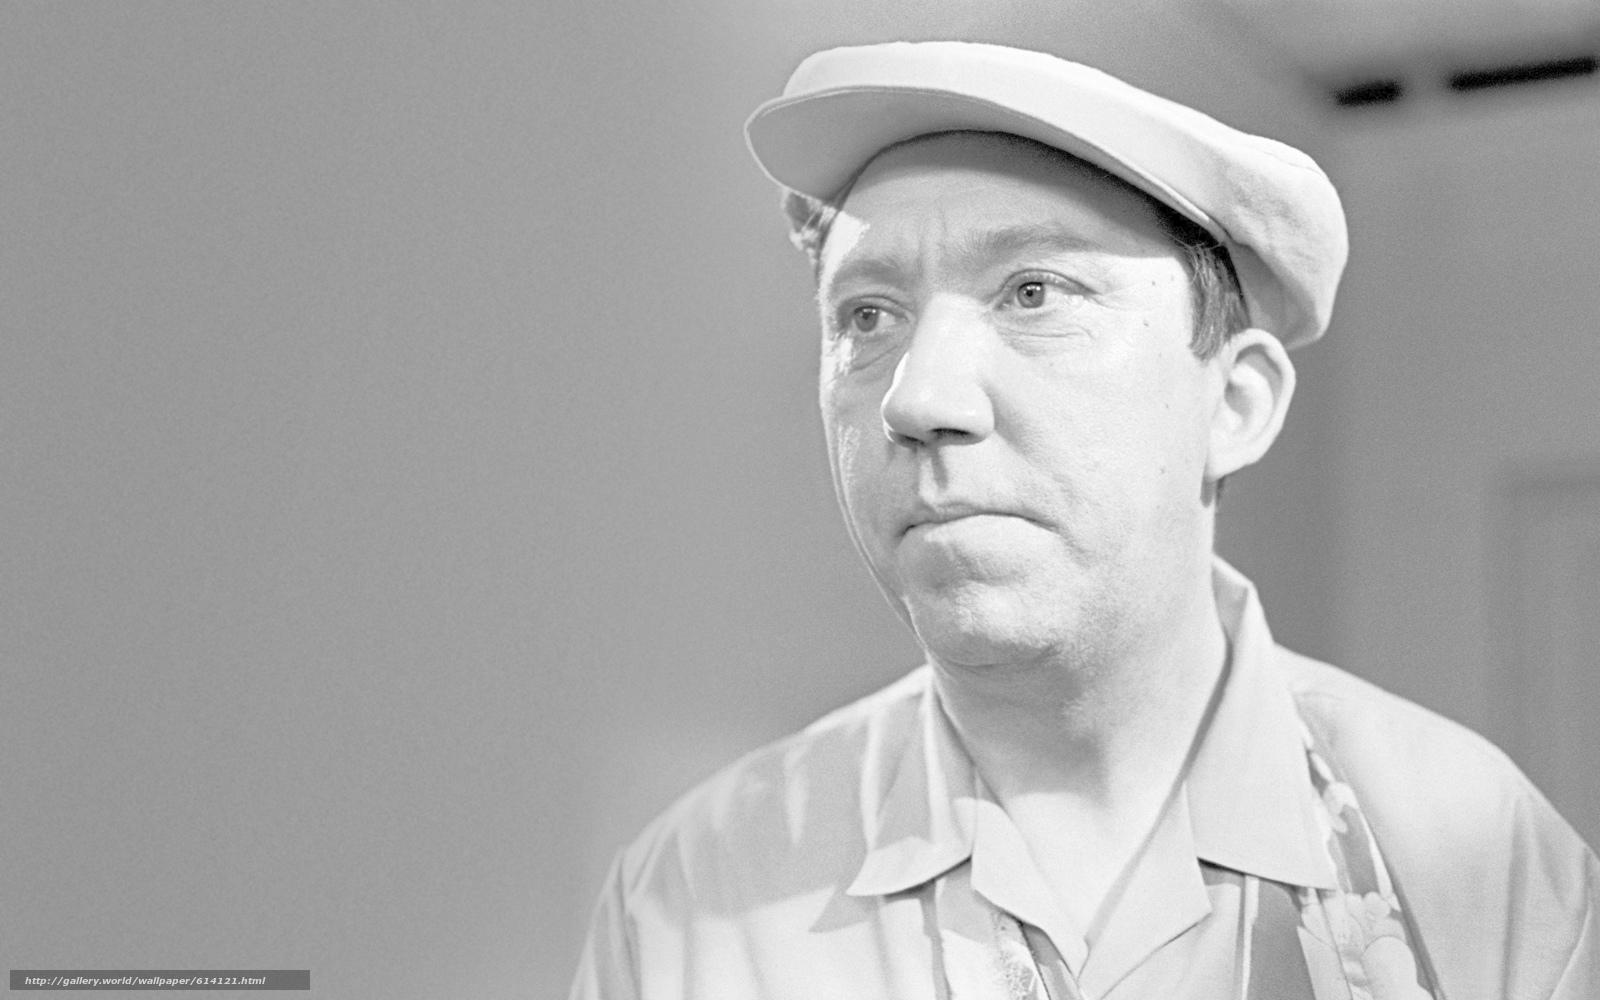 Юрий Никулин, Никулин, актер, клоун, комик, артист, кино, фильм, СССР, кепка